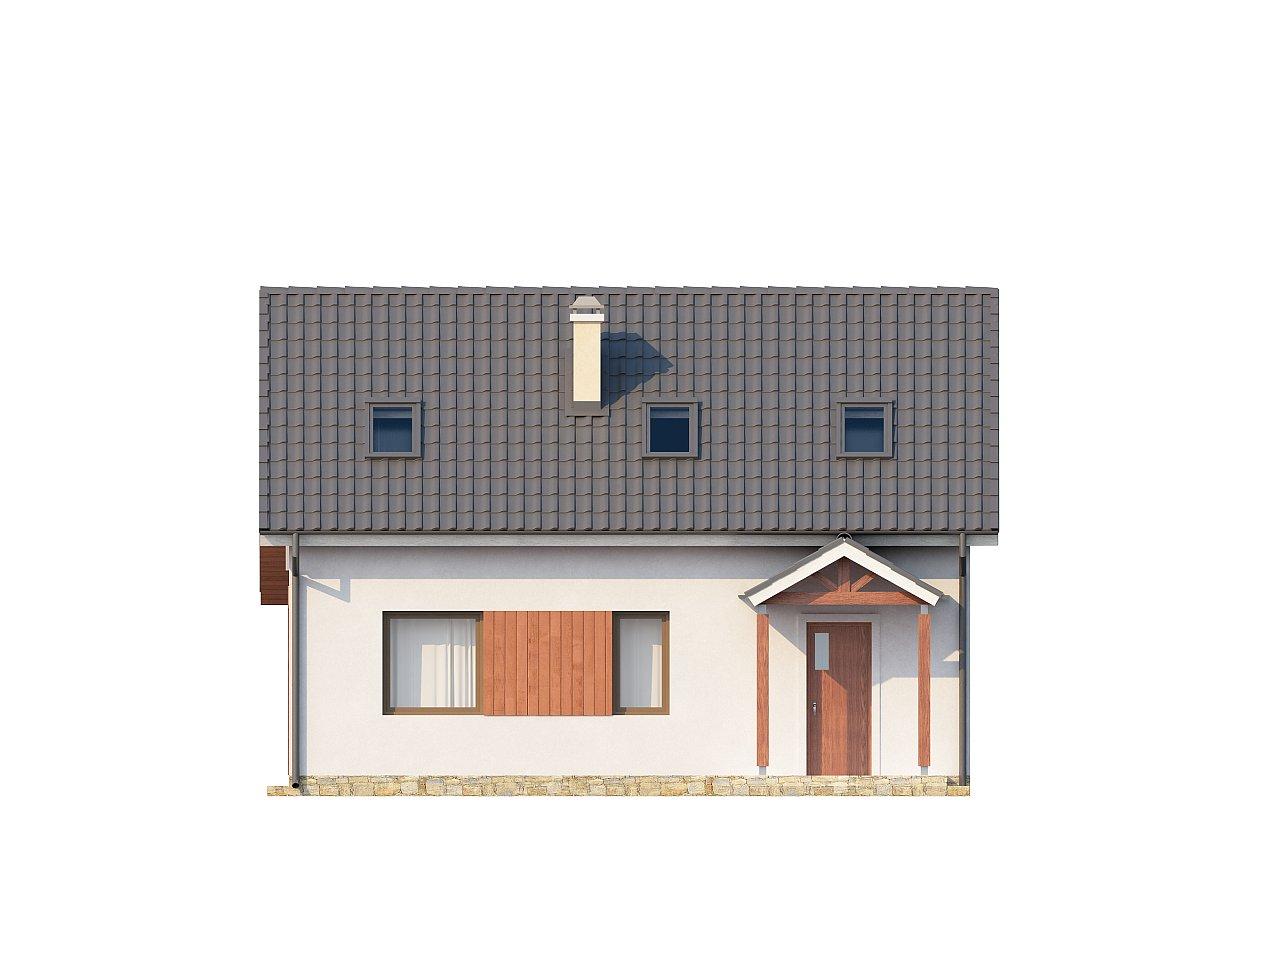 Простой и экономичный дом с мансардой и дополнительной комнатой на первом этаже. 9